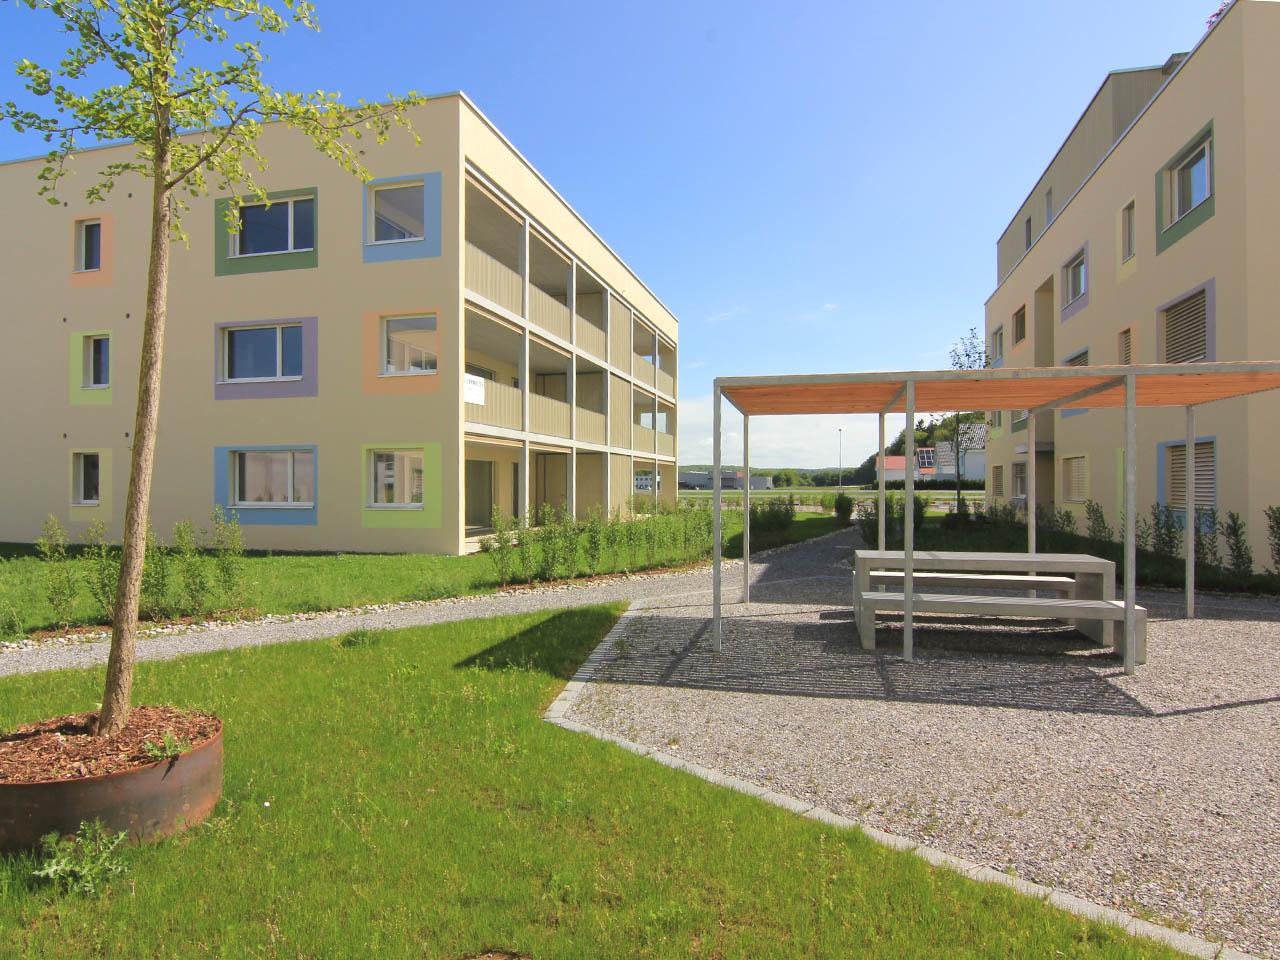 laubhus-architektur-wohnueberbauung-sunnehof-koblenz